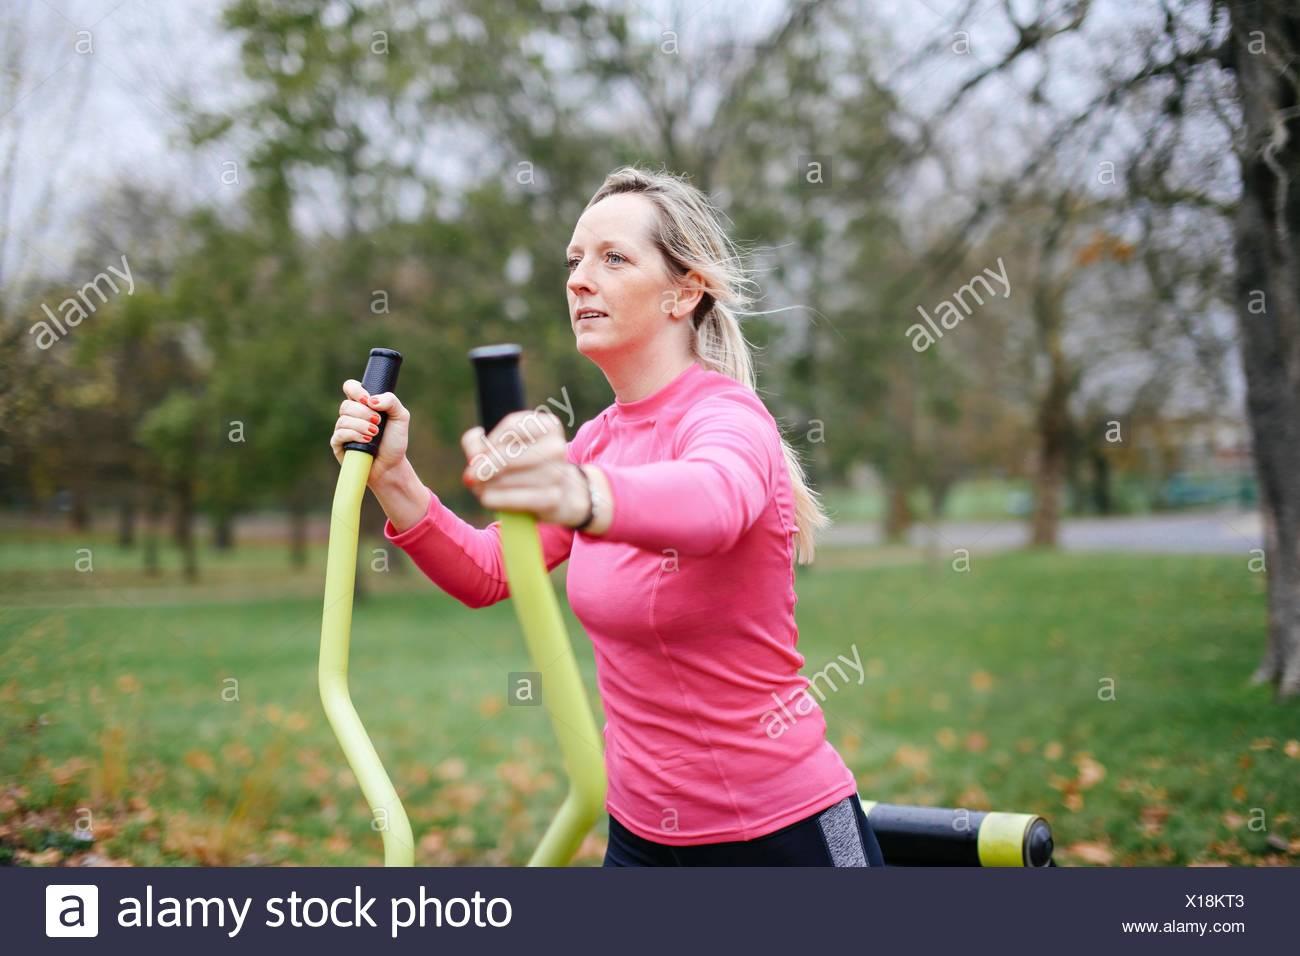 Jeune femme formation sur machine d'exercice dans le parc Photo Stock